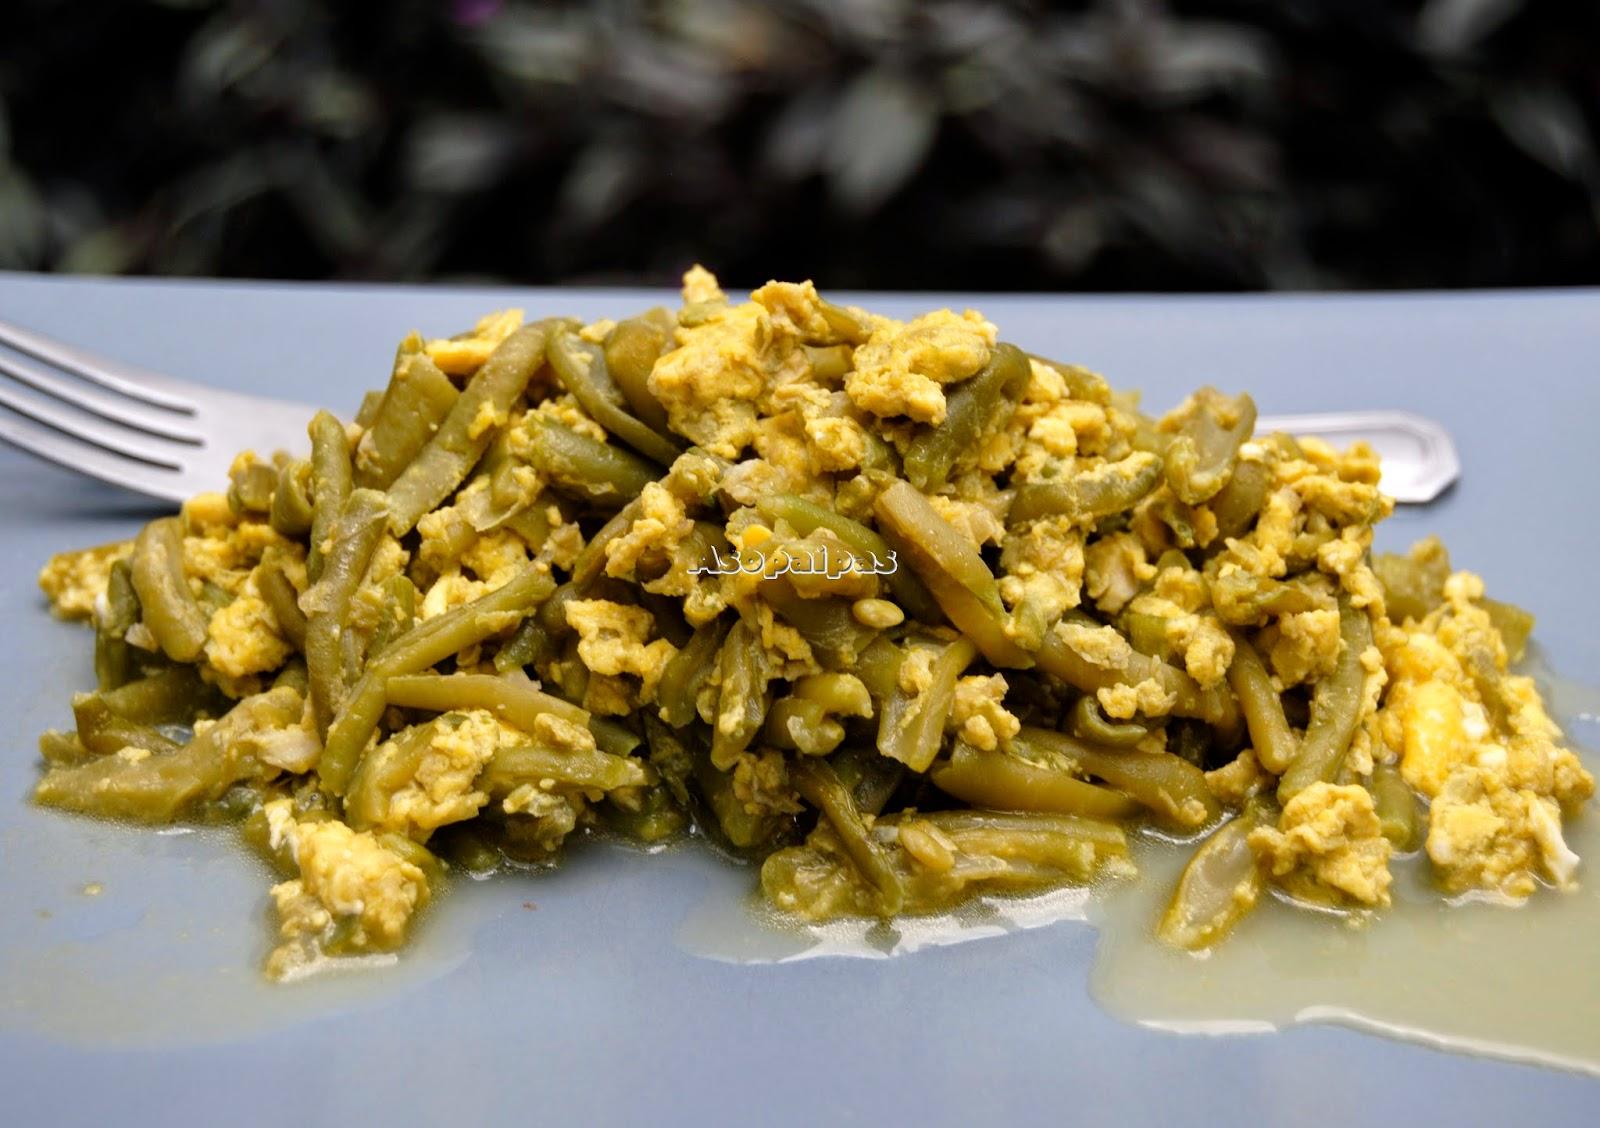 Revuelto de jud as verdes y huevo receta asopaipas for 3 cocinar un huevo sin fuego